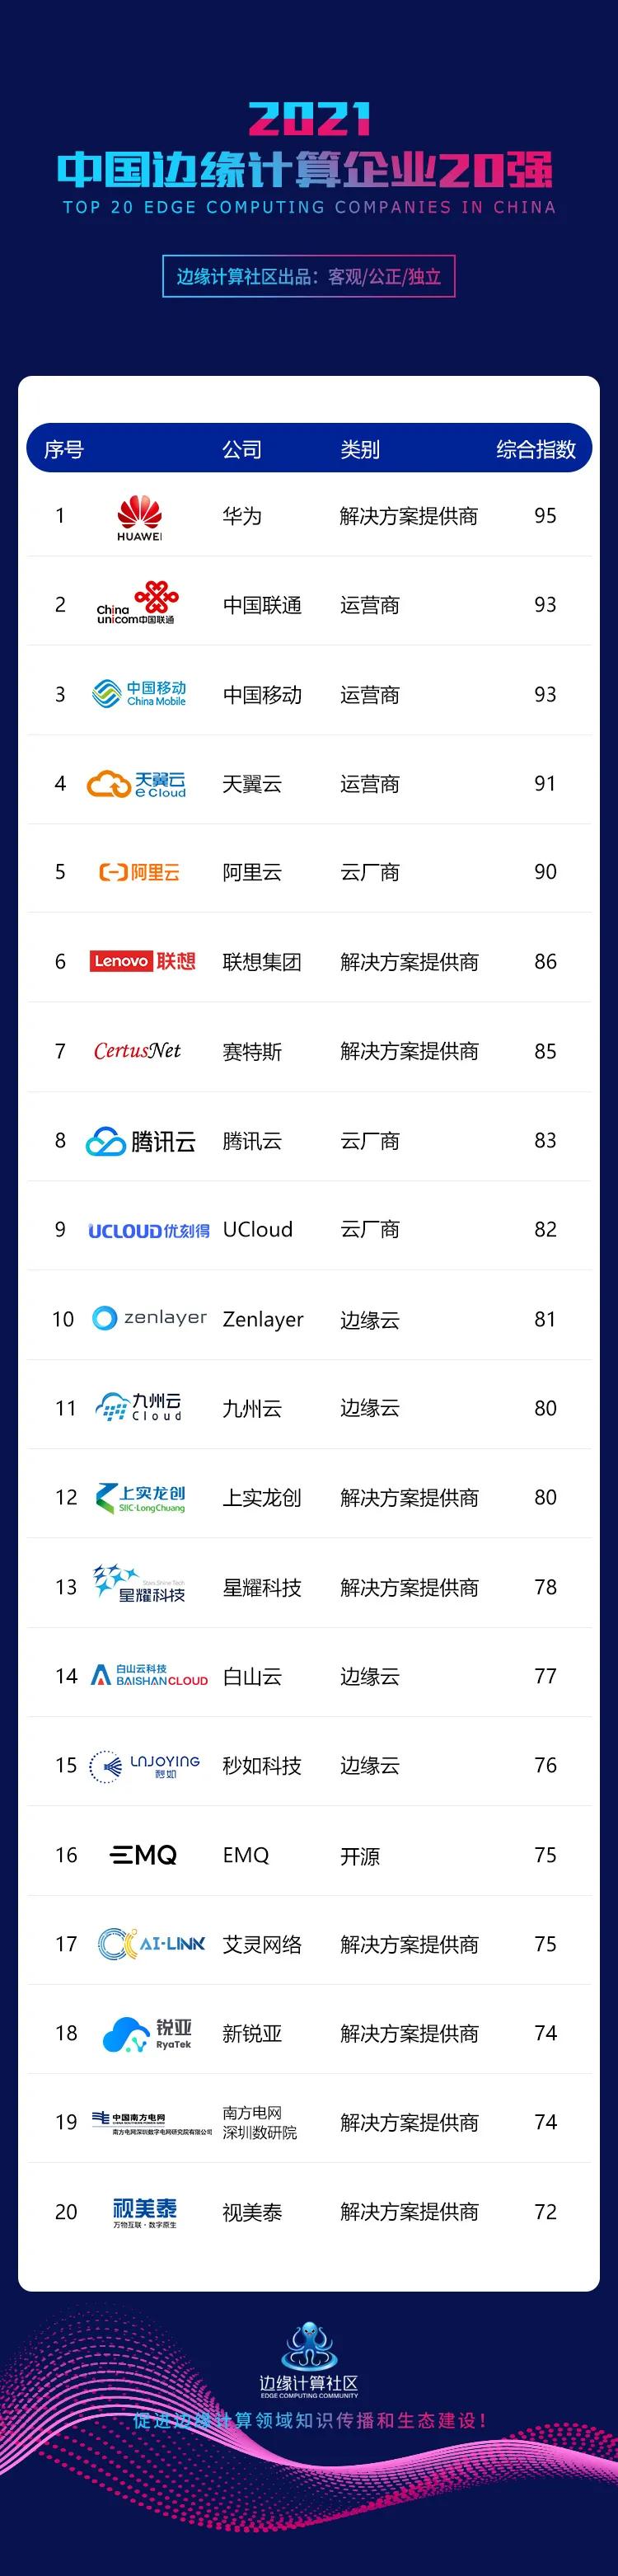 2021中国边缘计算企业20强